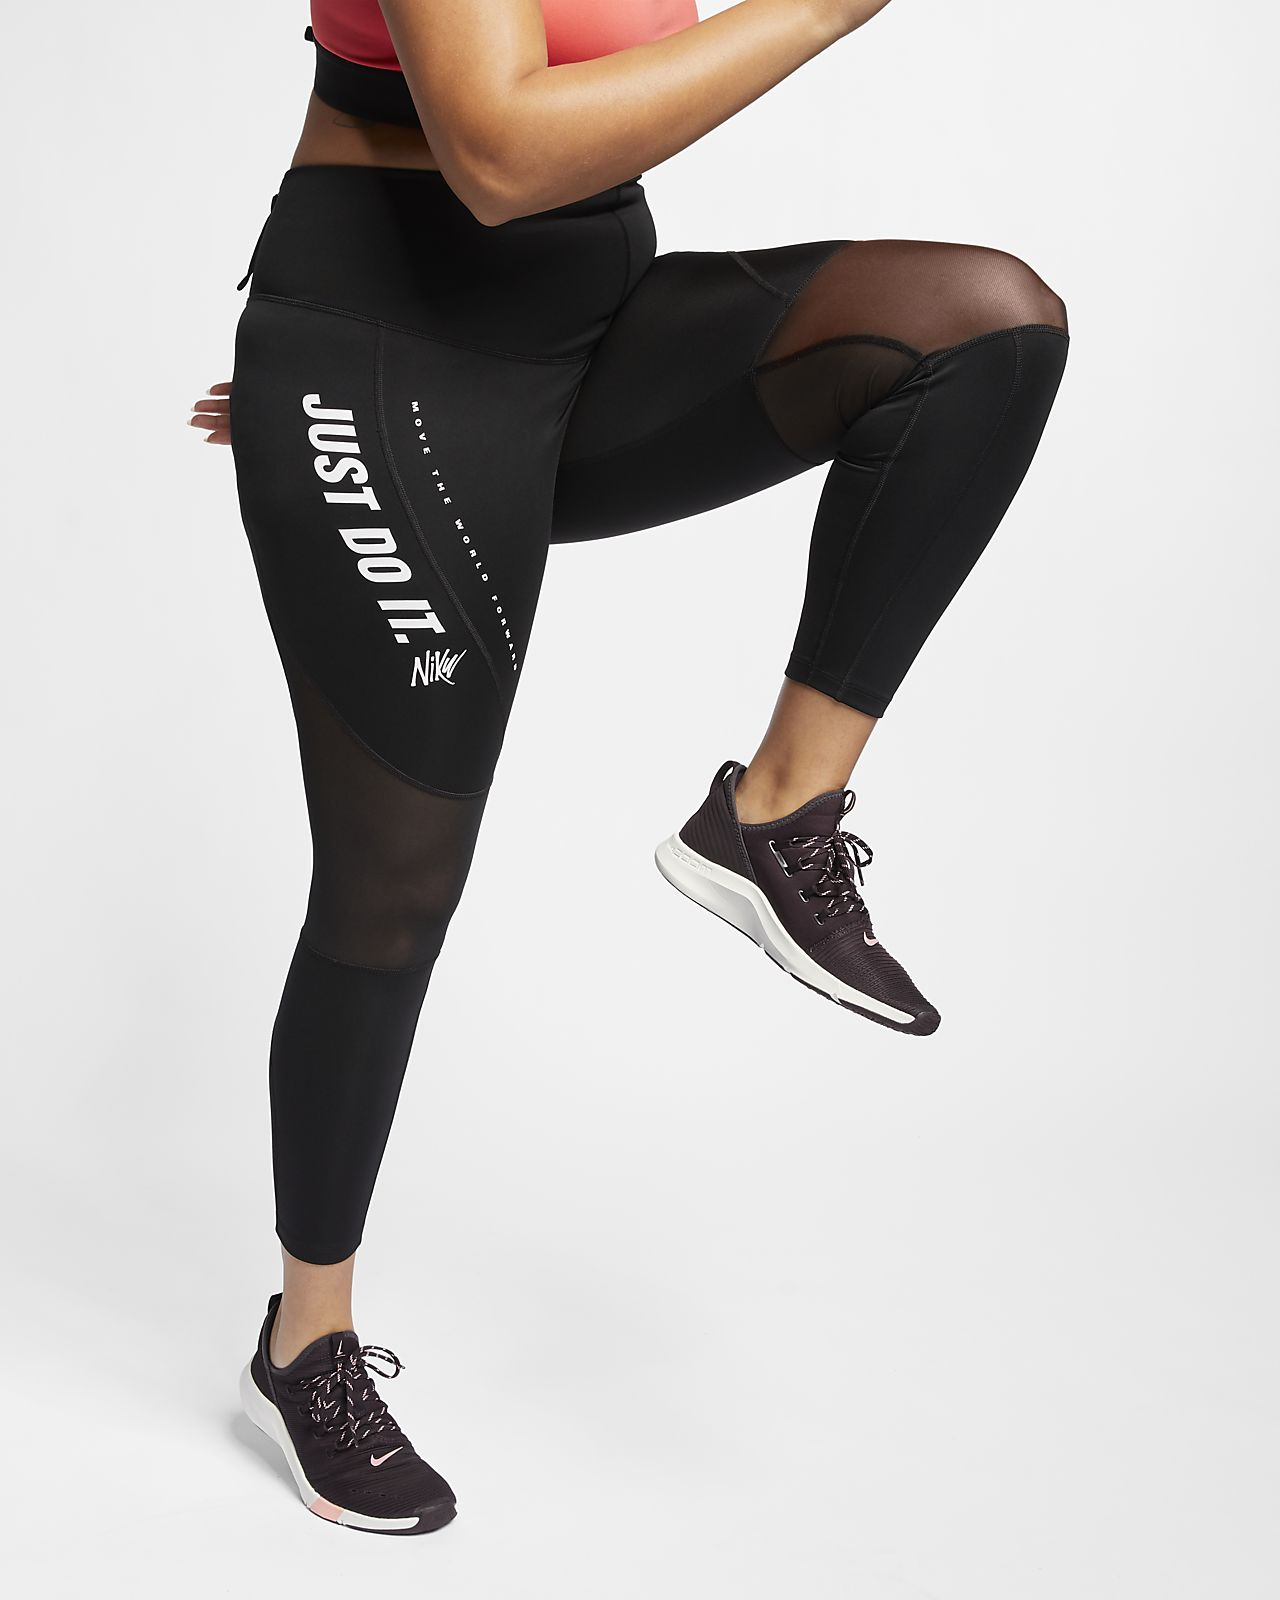 403eb3eb6641f Nike Power Women's Training Tights (Plus Size). Nike.com AE